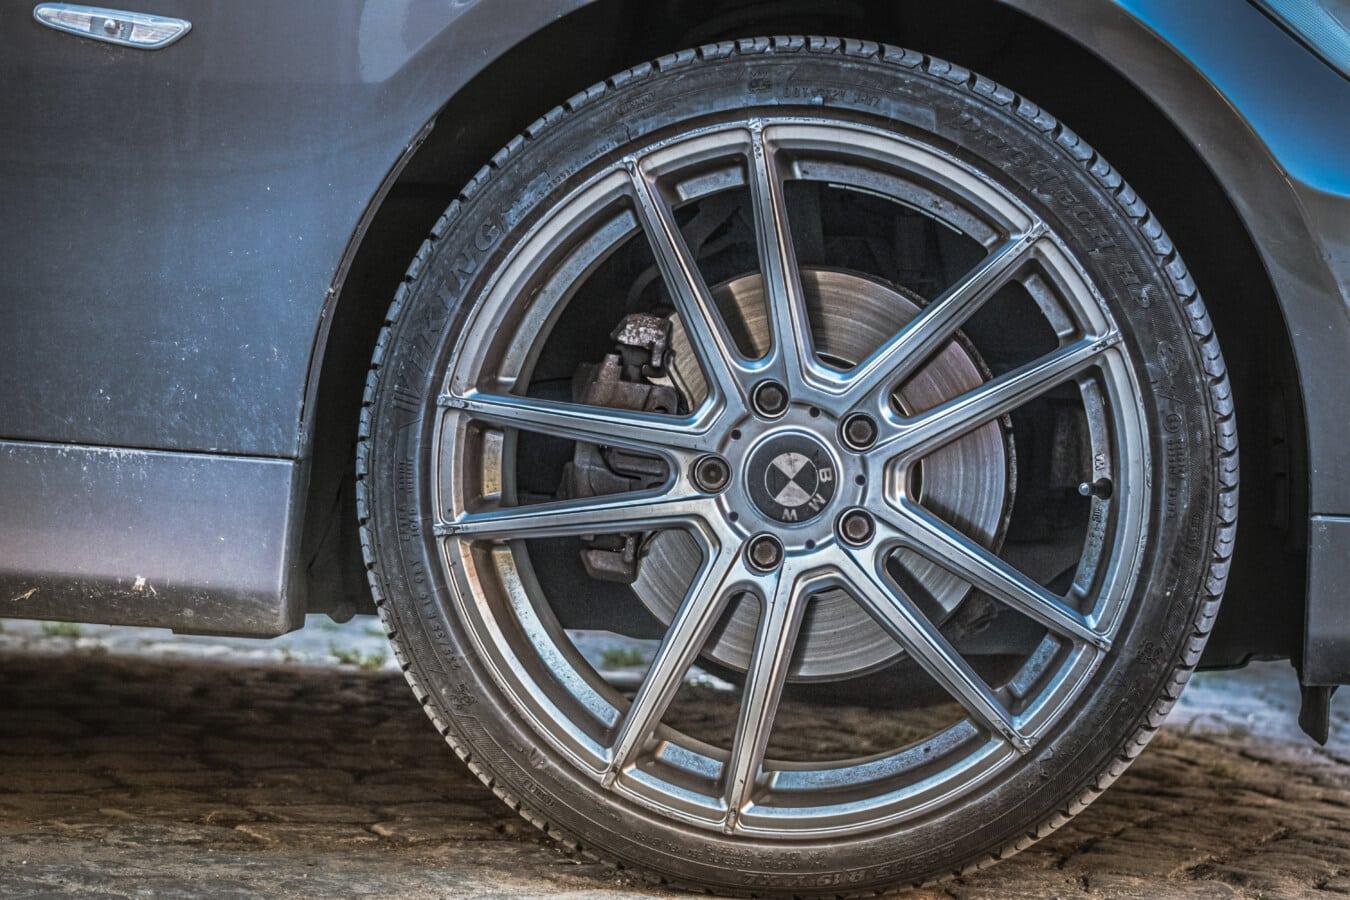 dæk, hjulet, bil, maskine, autojen, rand, cykel, kromi, stål, køretøj